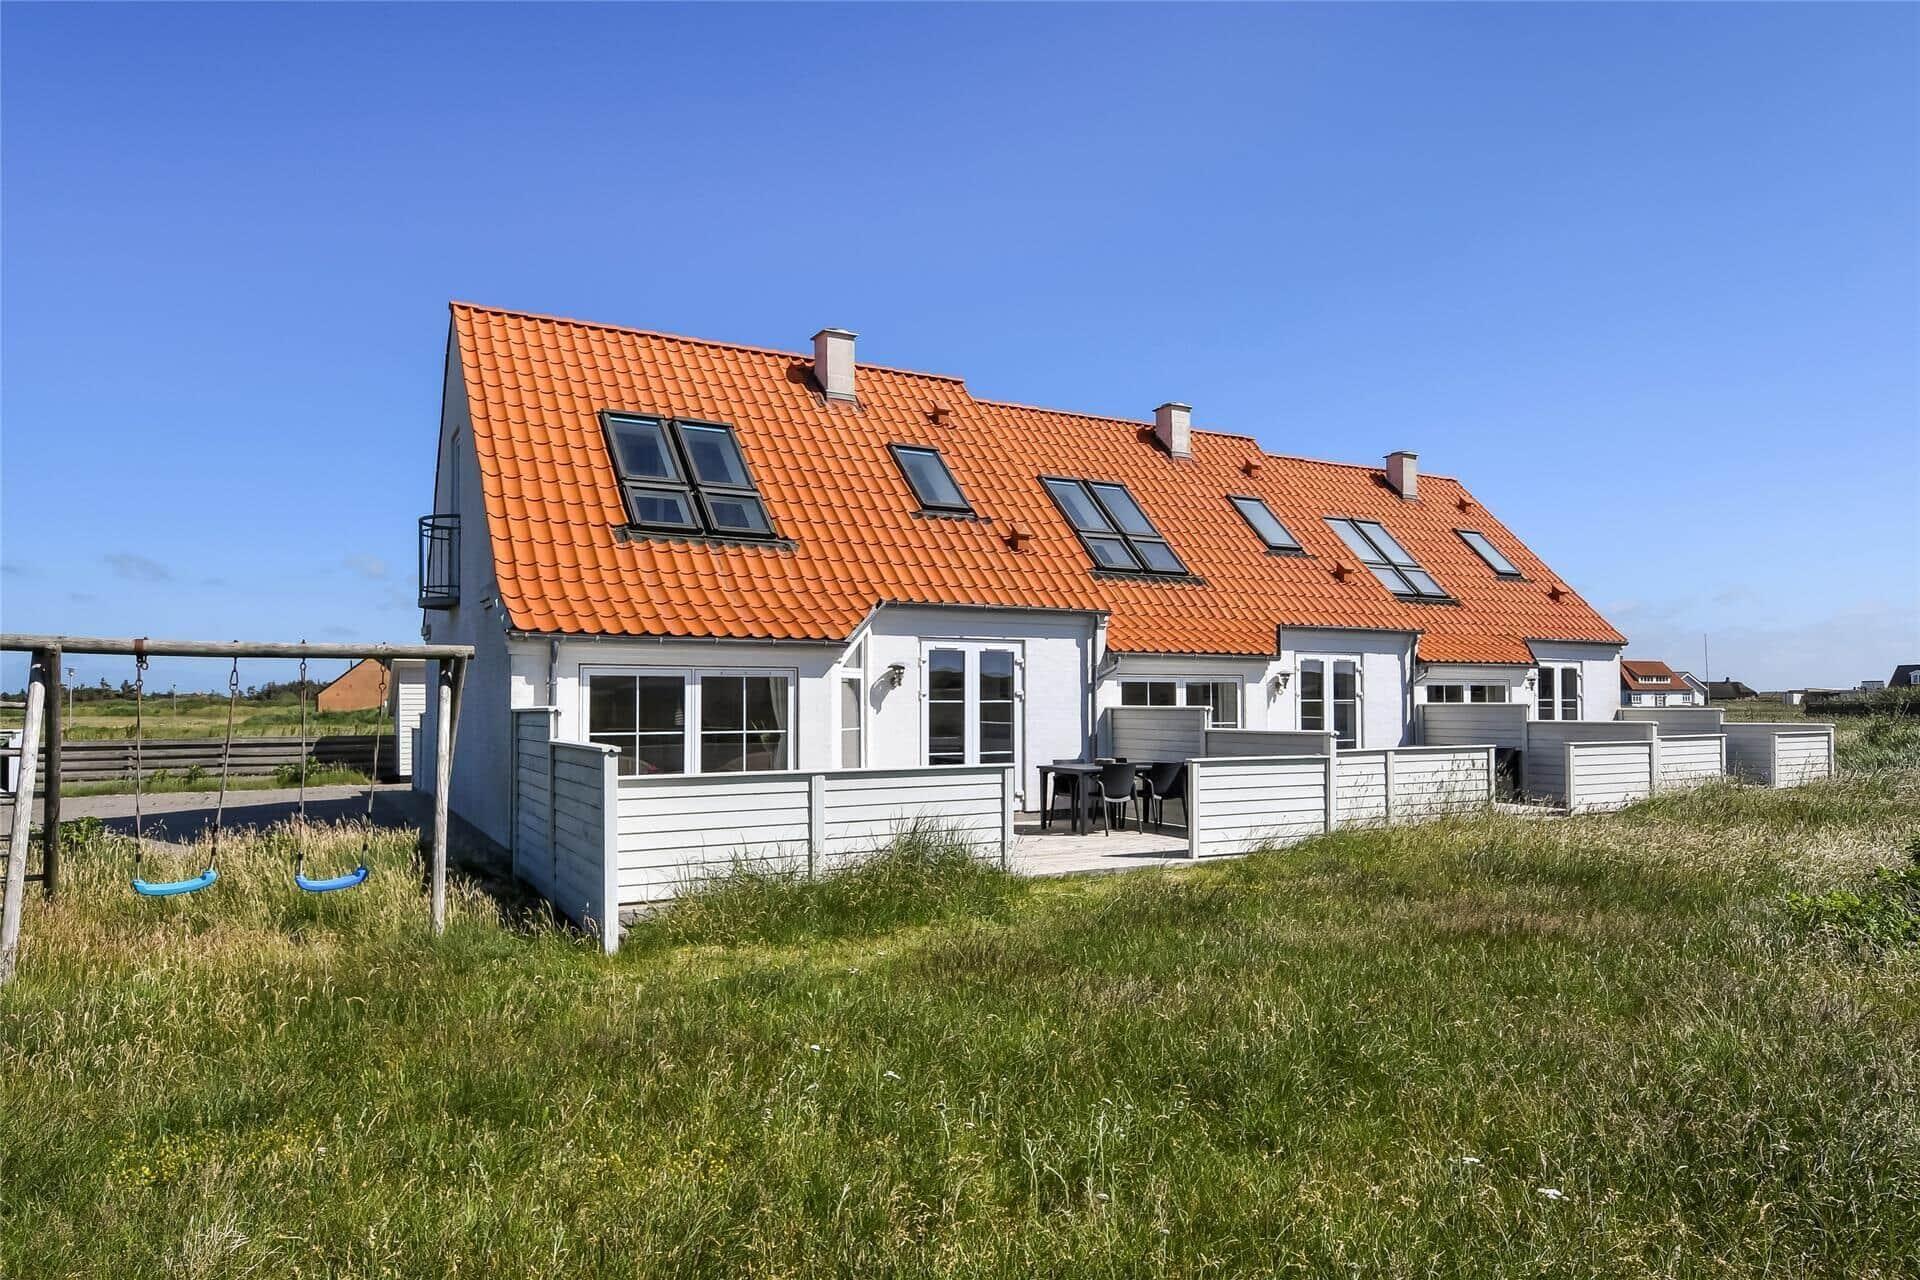 Billede 1-20 Sommerhus 323, Skalvej 4, DK - 7673 Harboøre